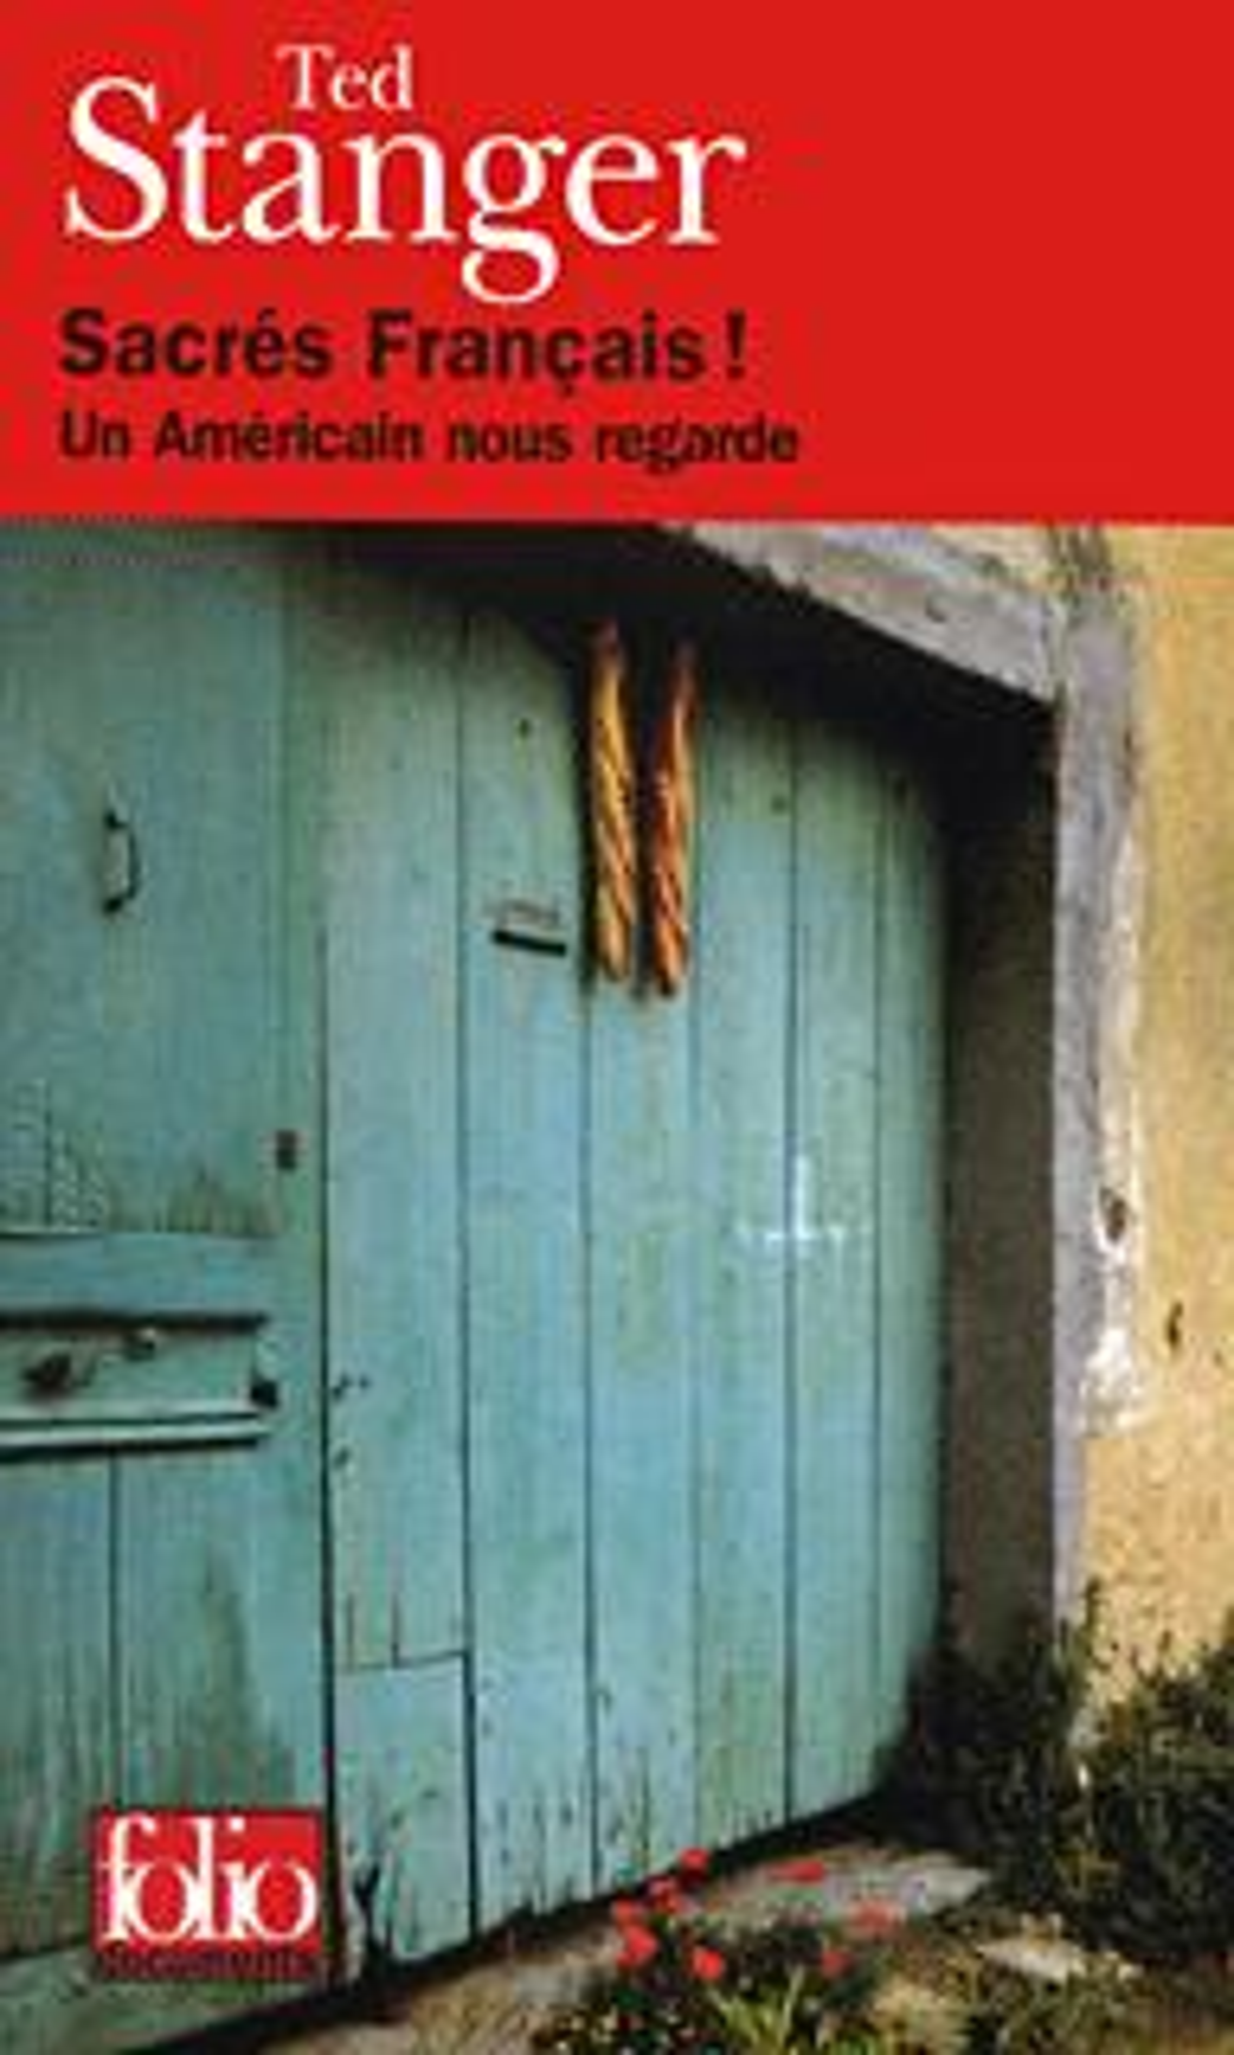 SACRES FRANCAIS ! - UN AMERICAIN NOUS REGARDE